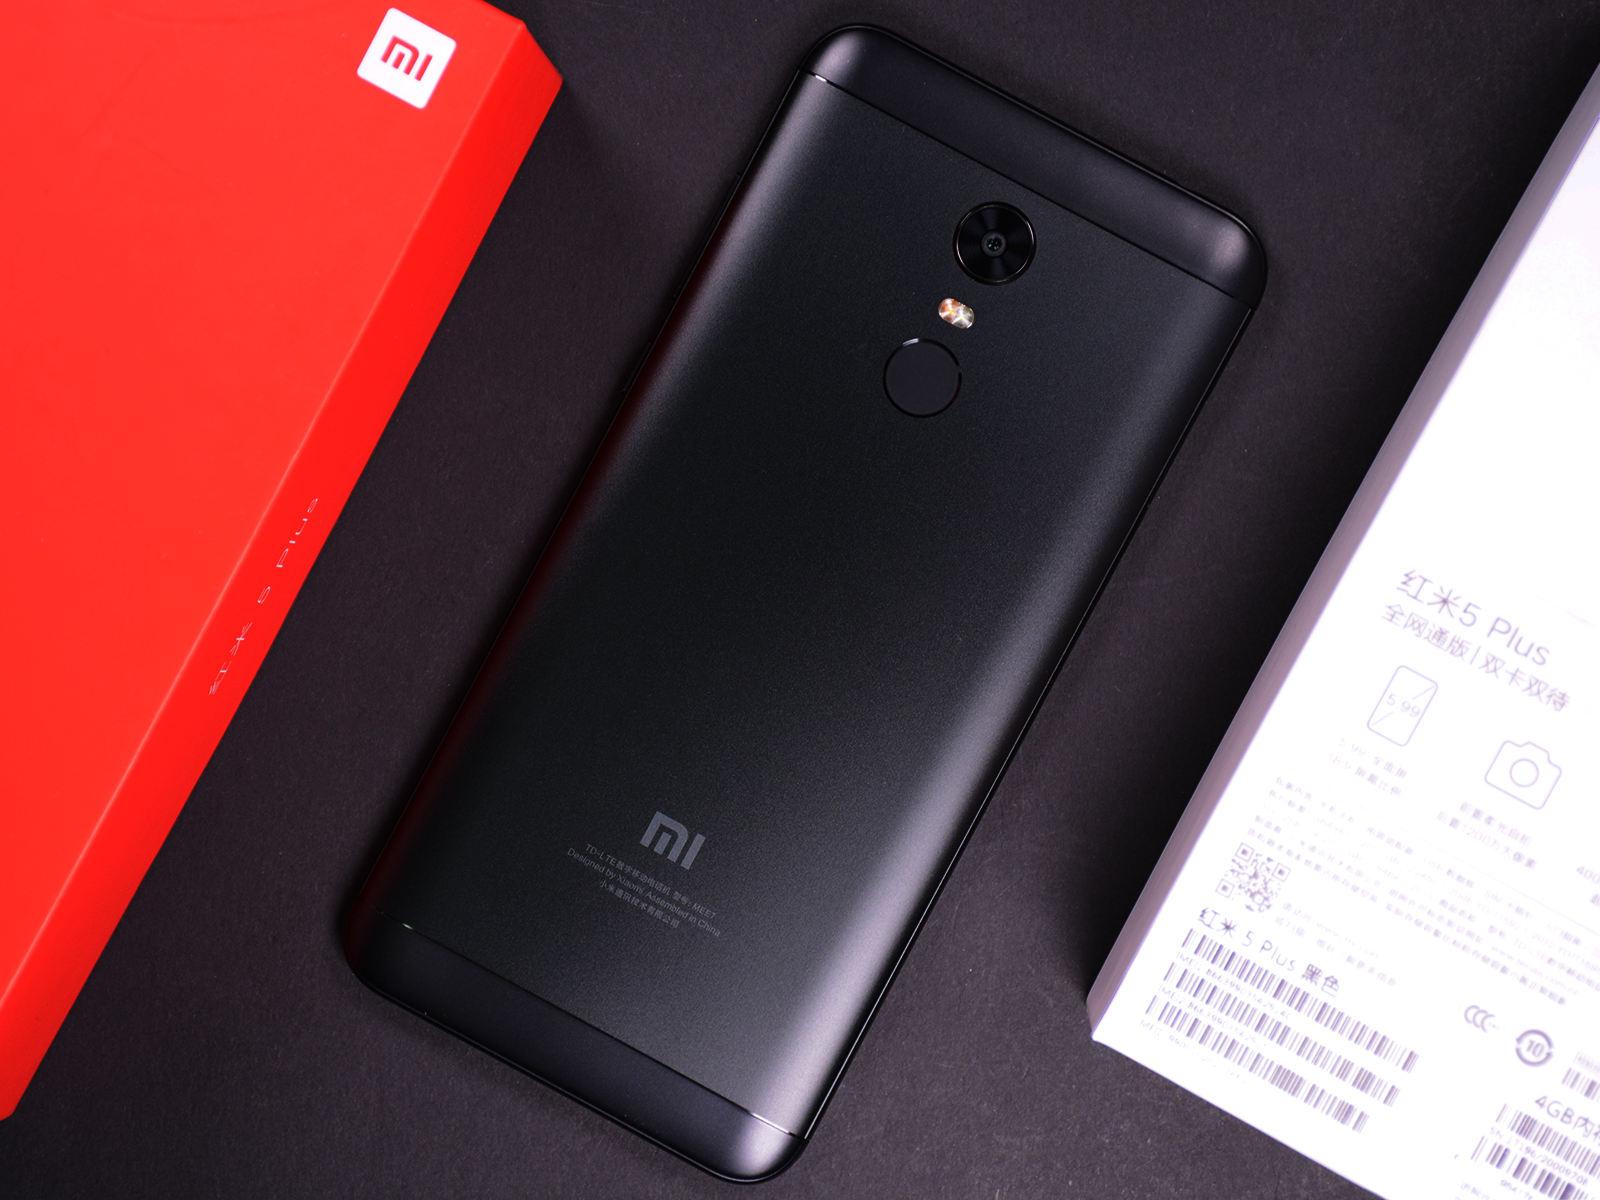 Konečne Xiaomi Redmi 5 Plus prichádza s plnou podporou LTE Nech½ba fantastická cena a doručenie bez ďalÅ¡ch poplatkov